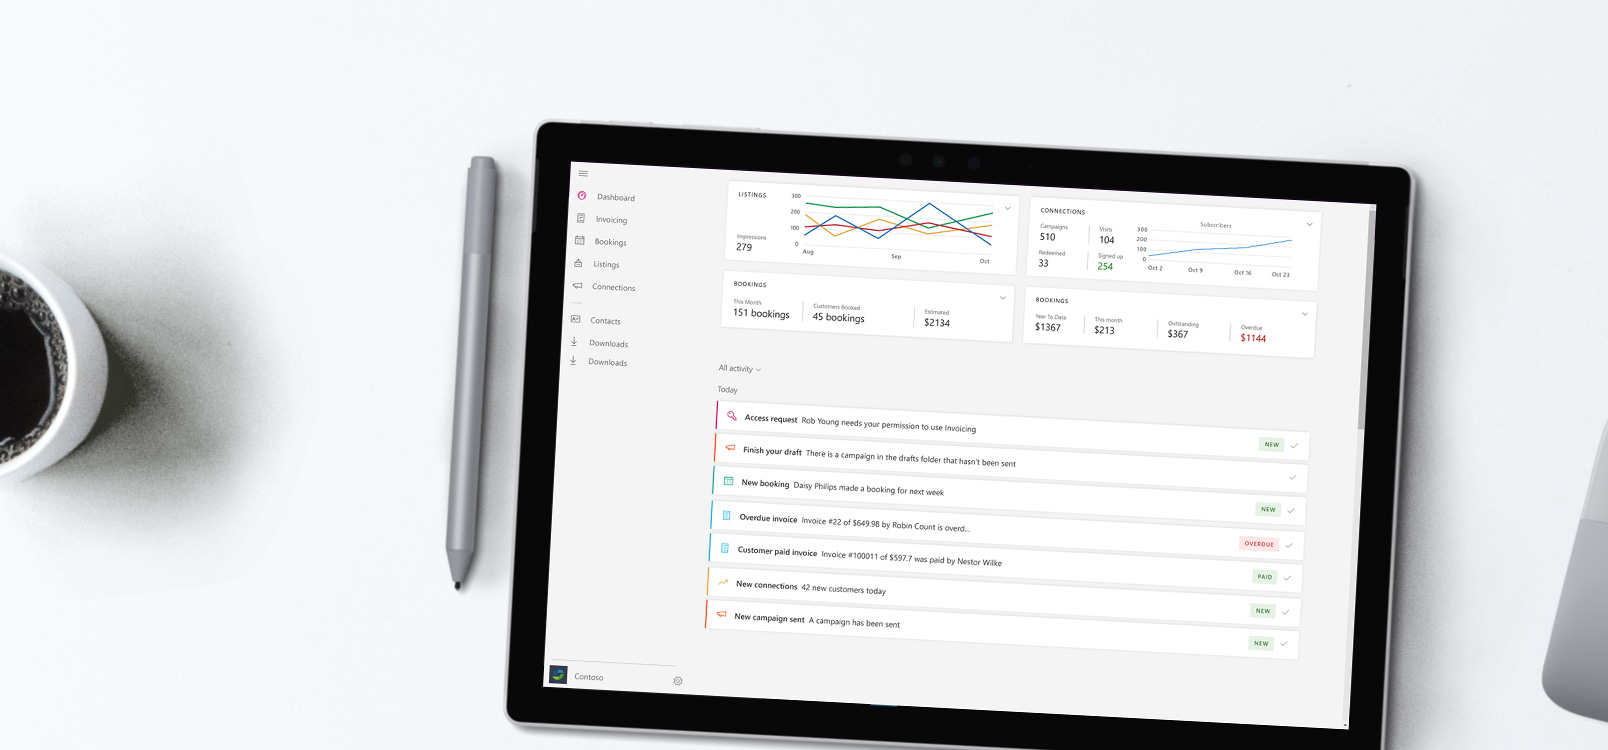 Prenosni računalnik, v katerem je prikazano središče storitve Office 365 Business